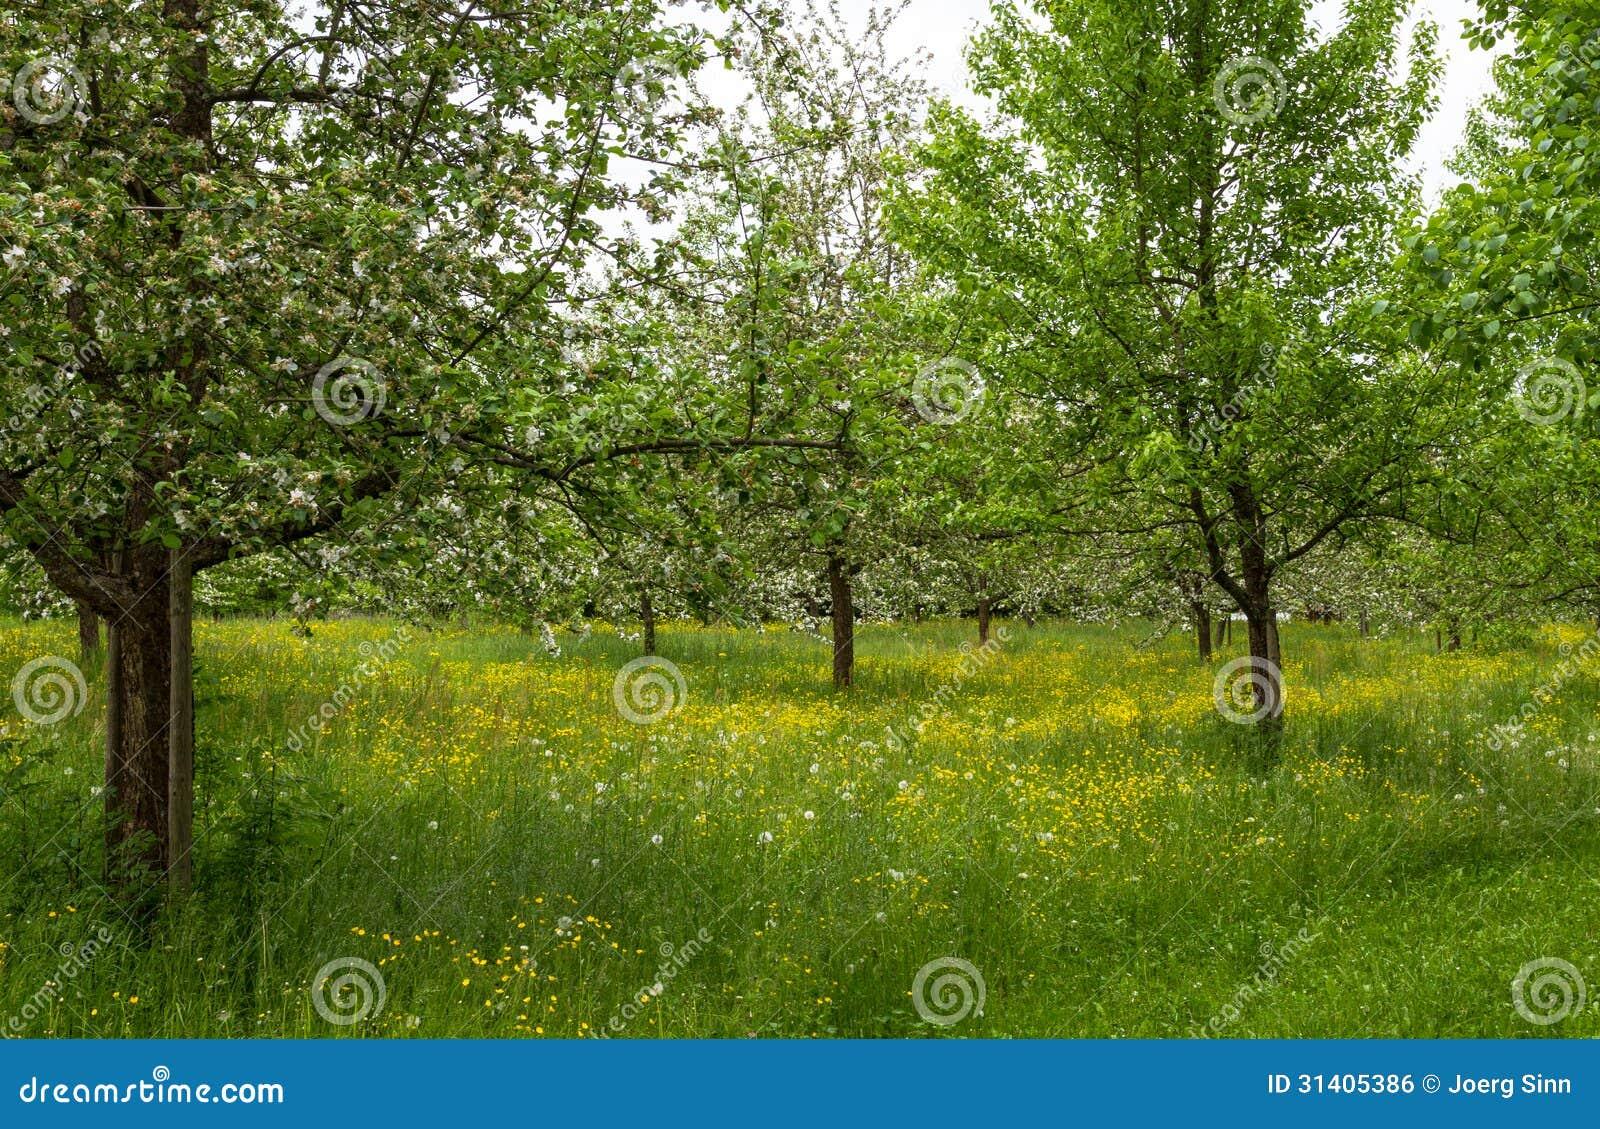 Blooming apple trees spring